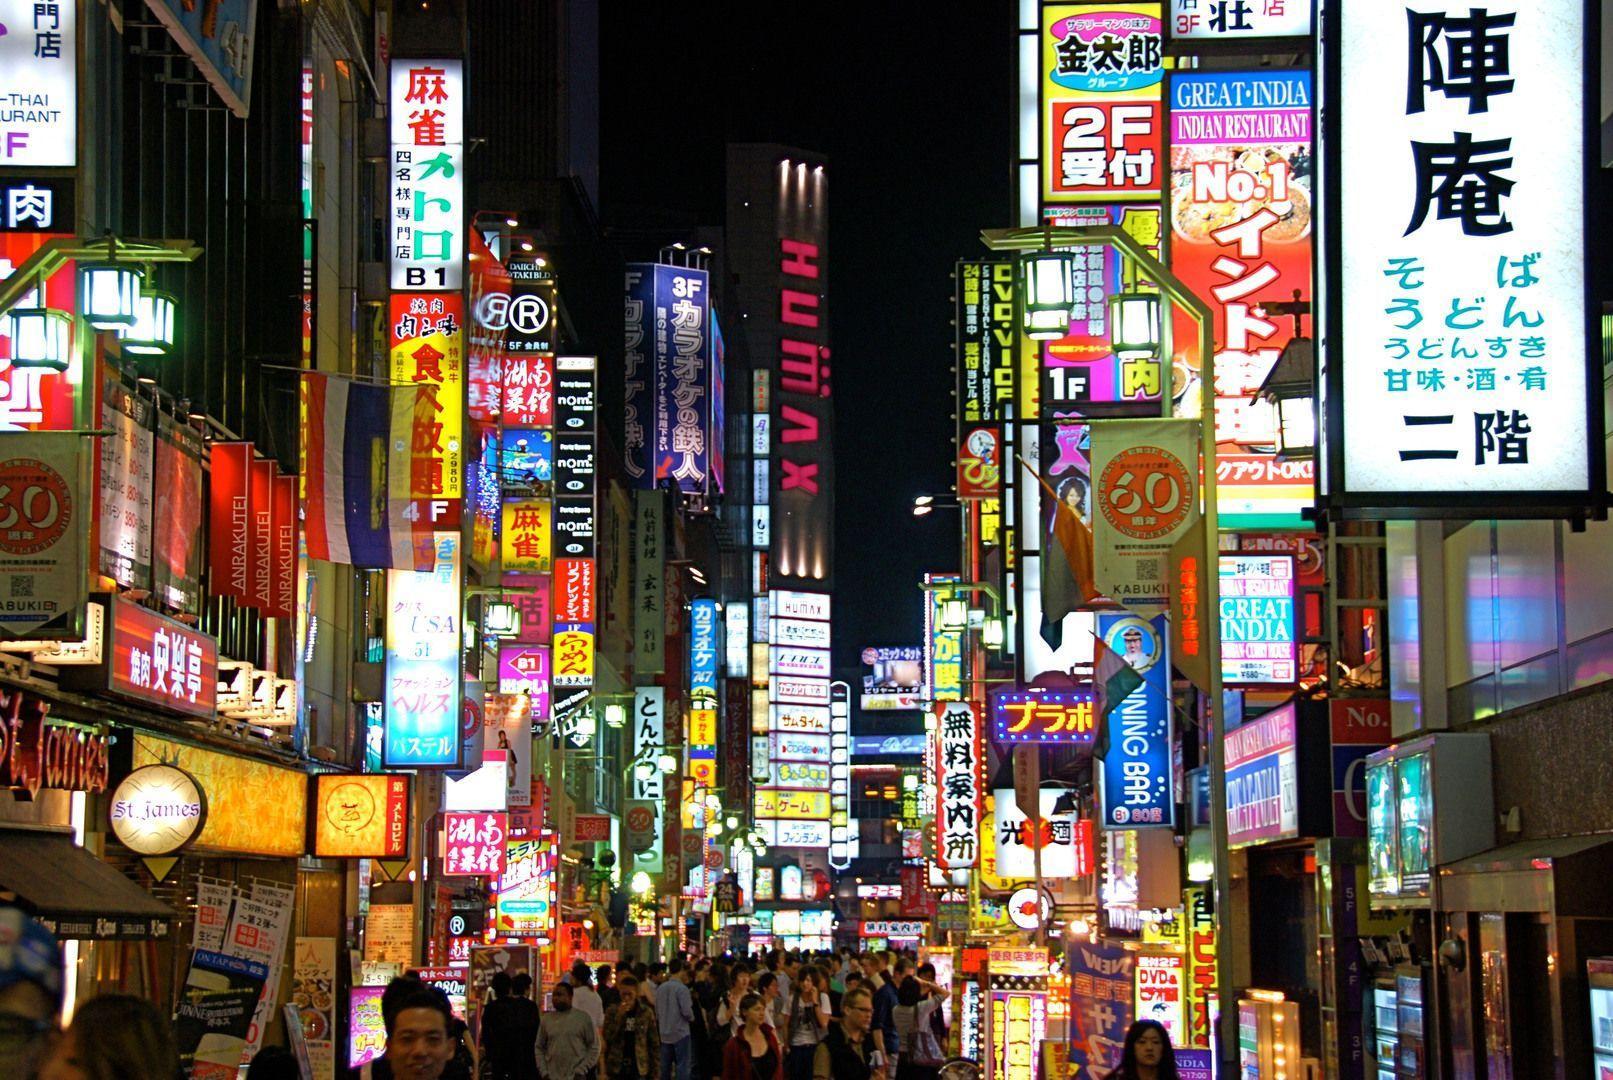 Shinjuku Desktop Wallpapers Top Free Shinjuku Desktop Backgrounds Wallpaperaccess